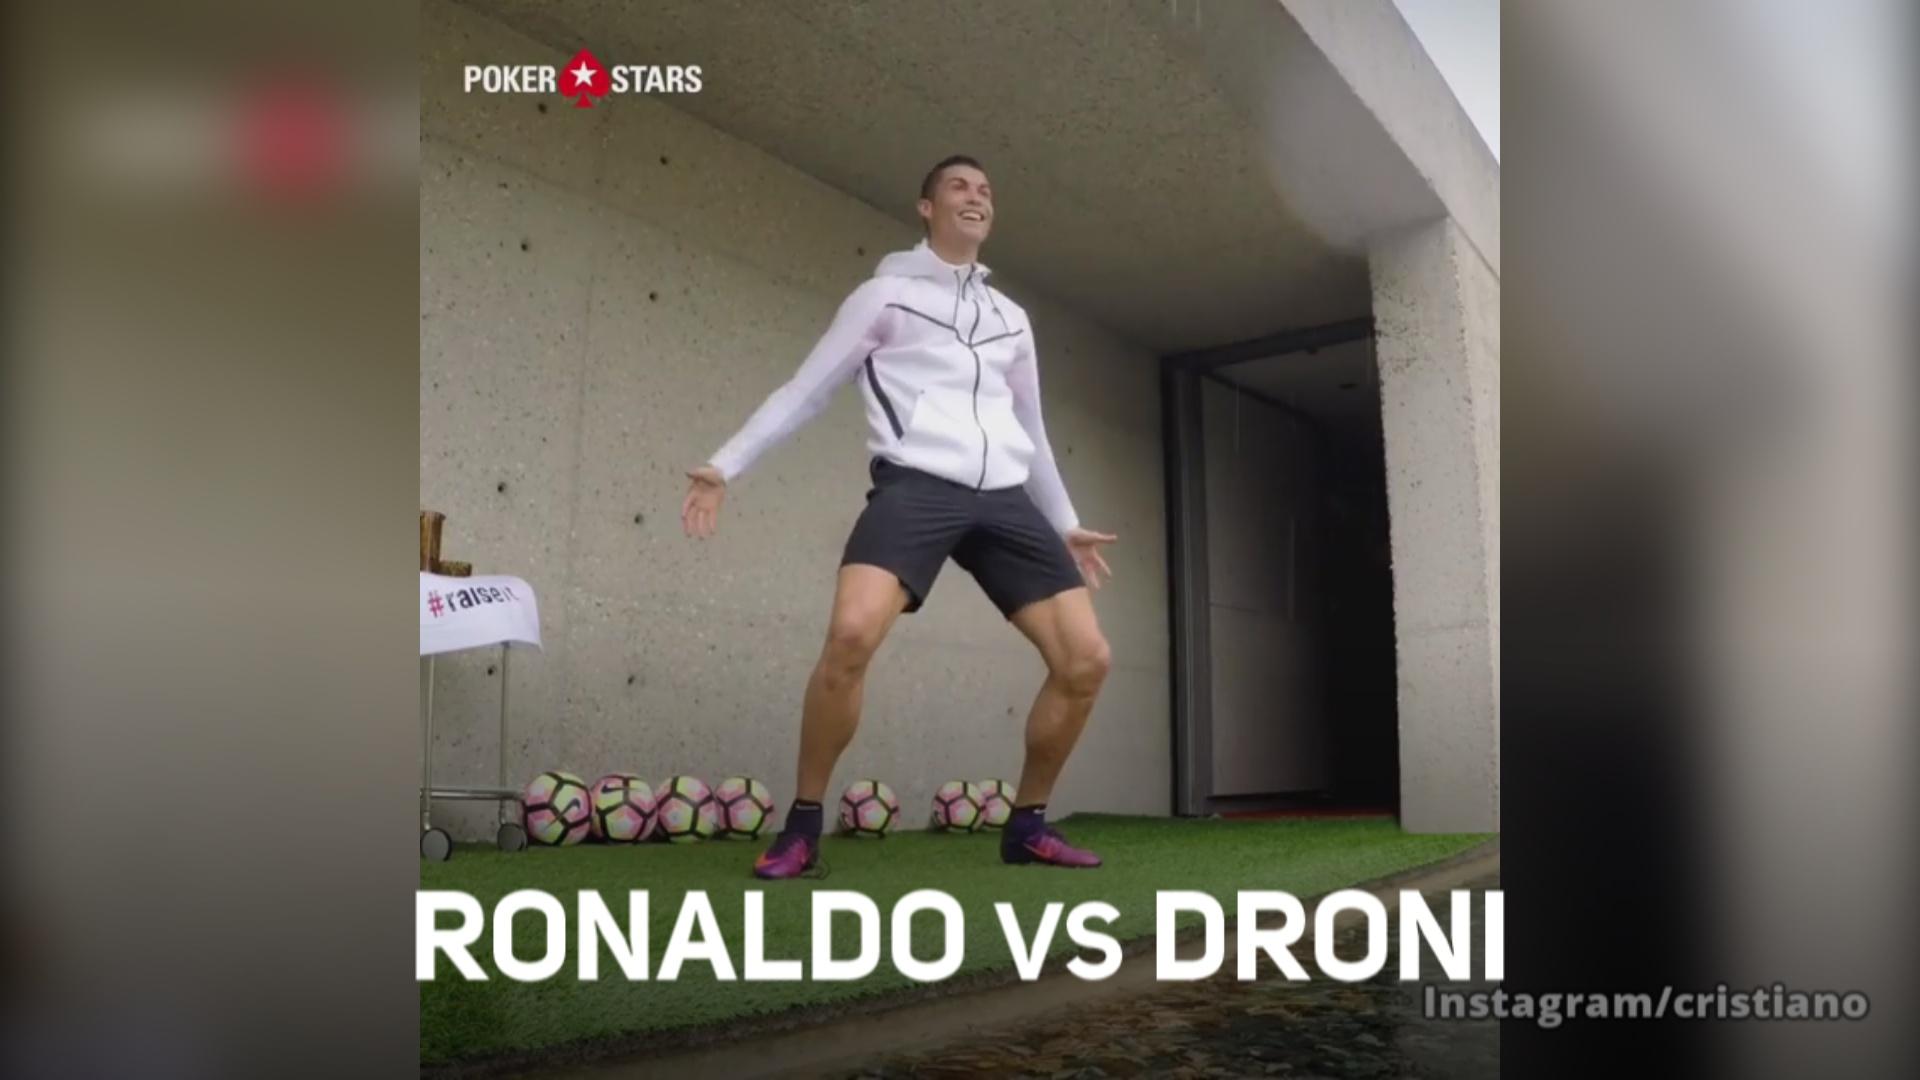 Ronaldo vs droni: la sfida e' accettata